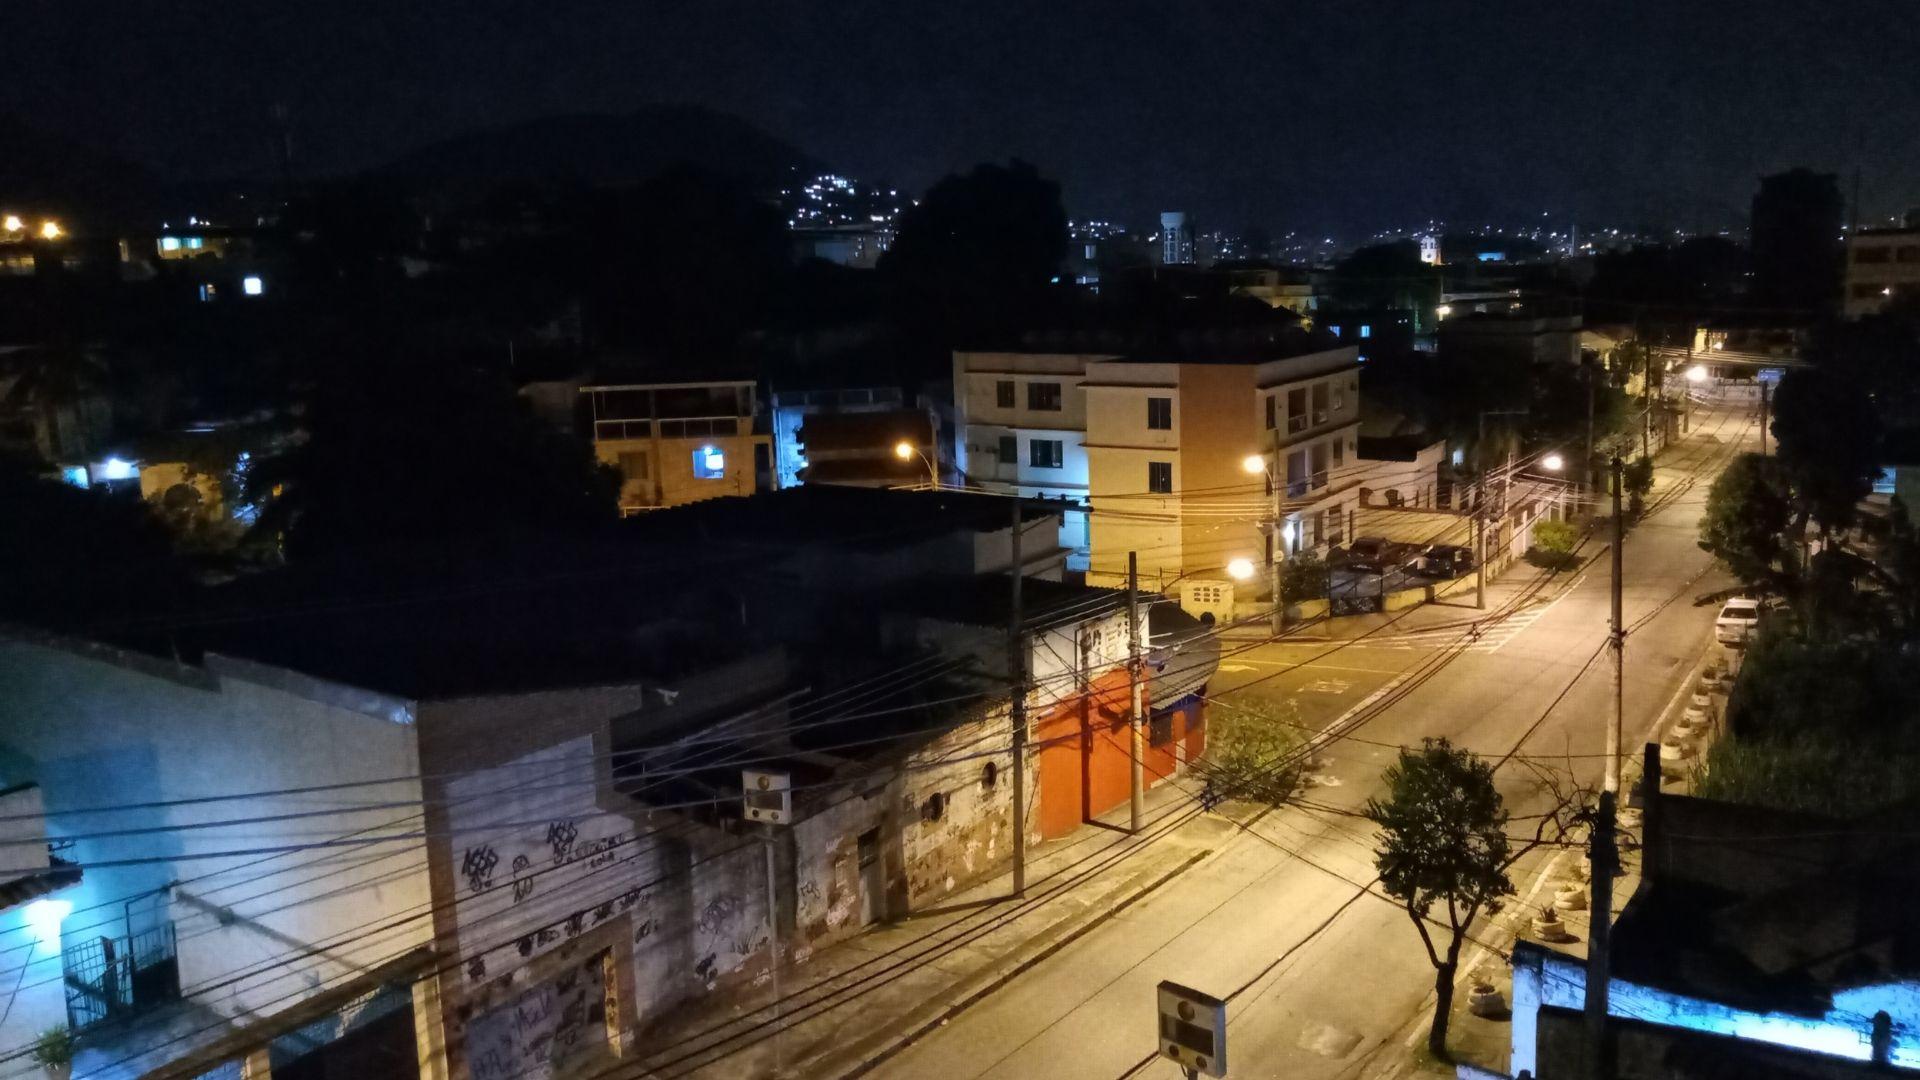 Foto feita à noite com o LG K52 (Foto: Aline Batista/Zoom)